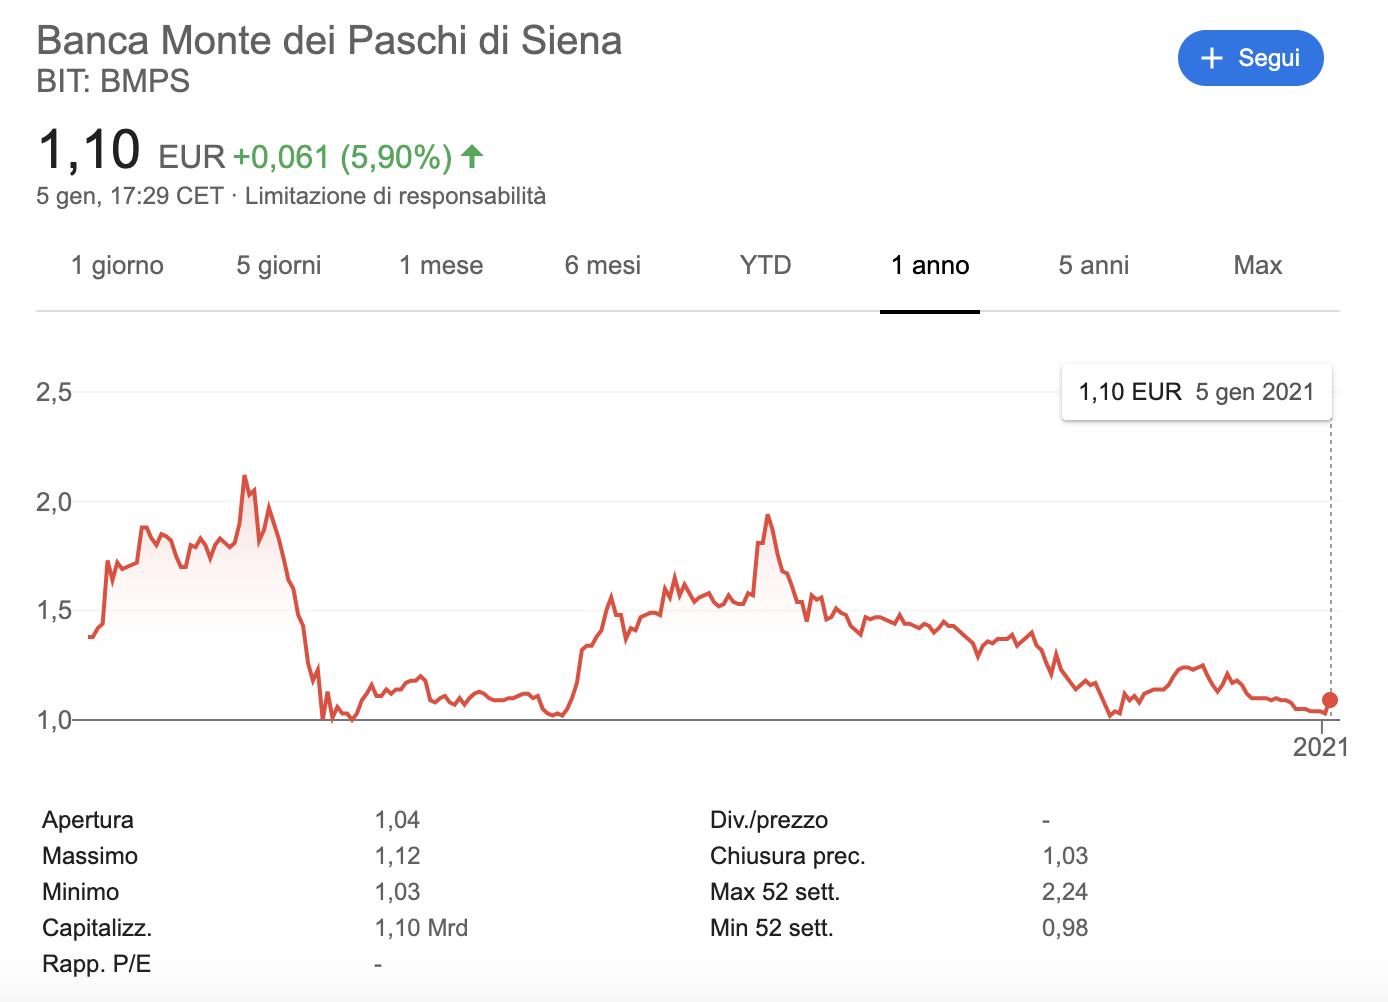 Azioni MPS Banca Monte Paschi 2021, Previsioni: Conviene Investire?